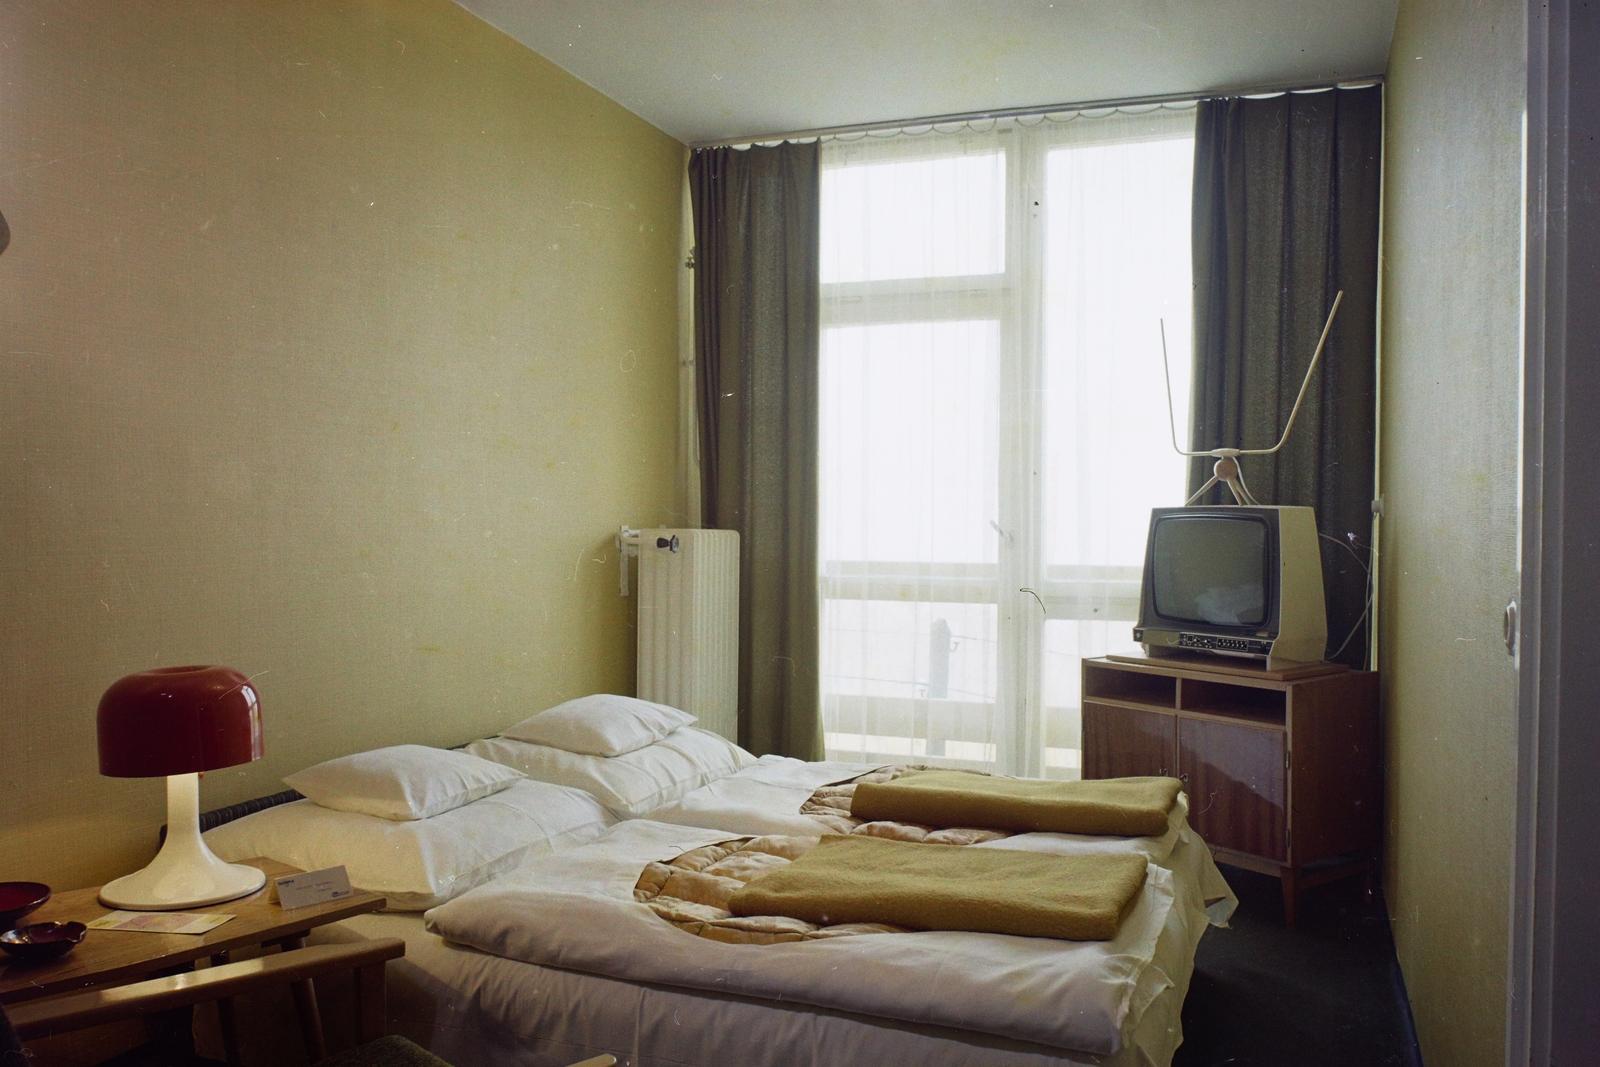 A Hotel Olimpia egérlyuk méretű szobája viszont mai embernek már fullasztóan kicsi. (Fotó: Fortepan)